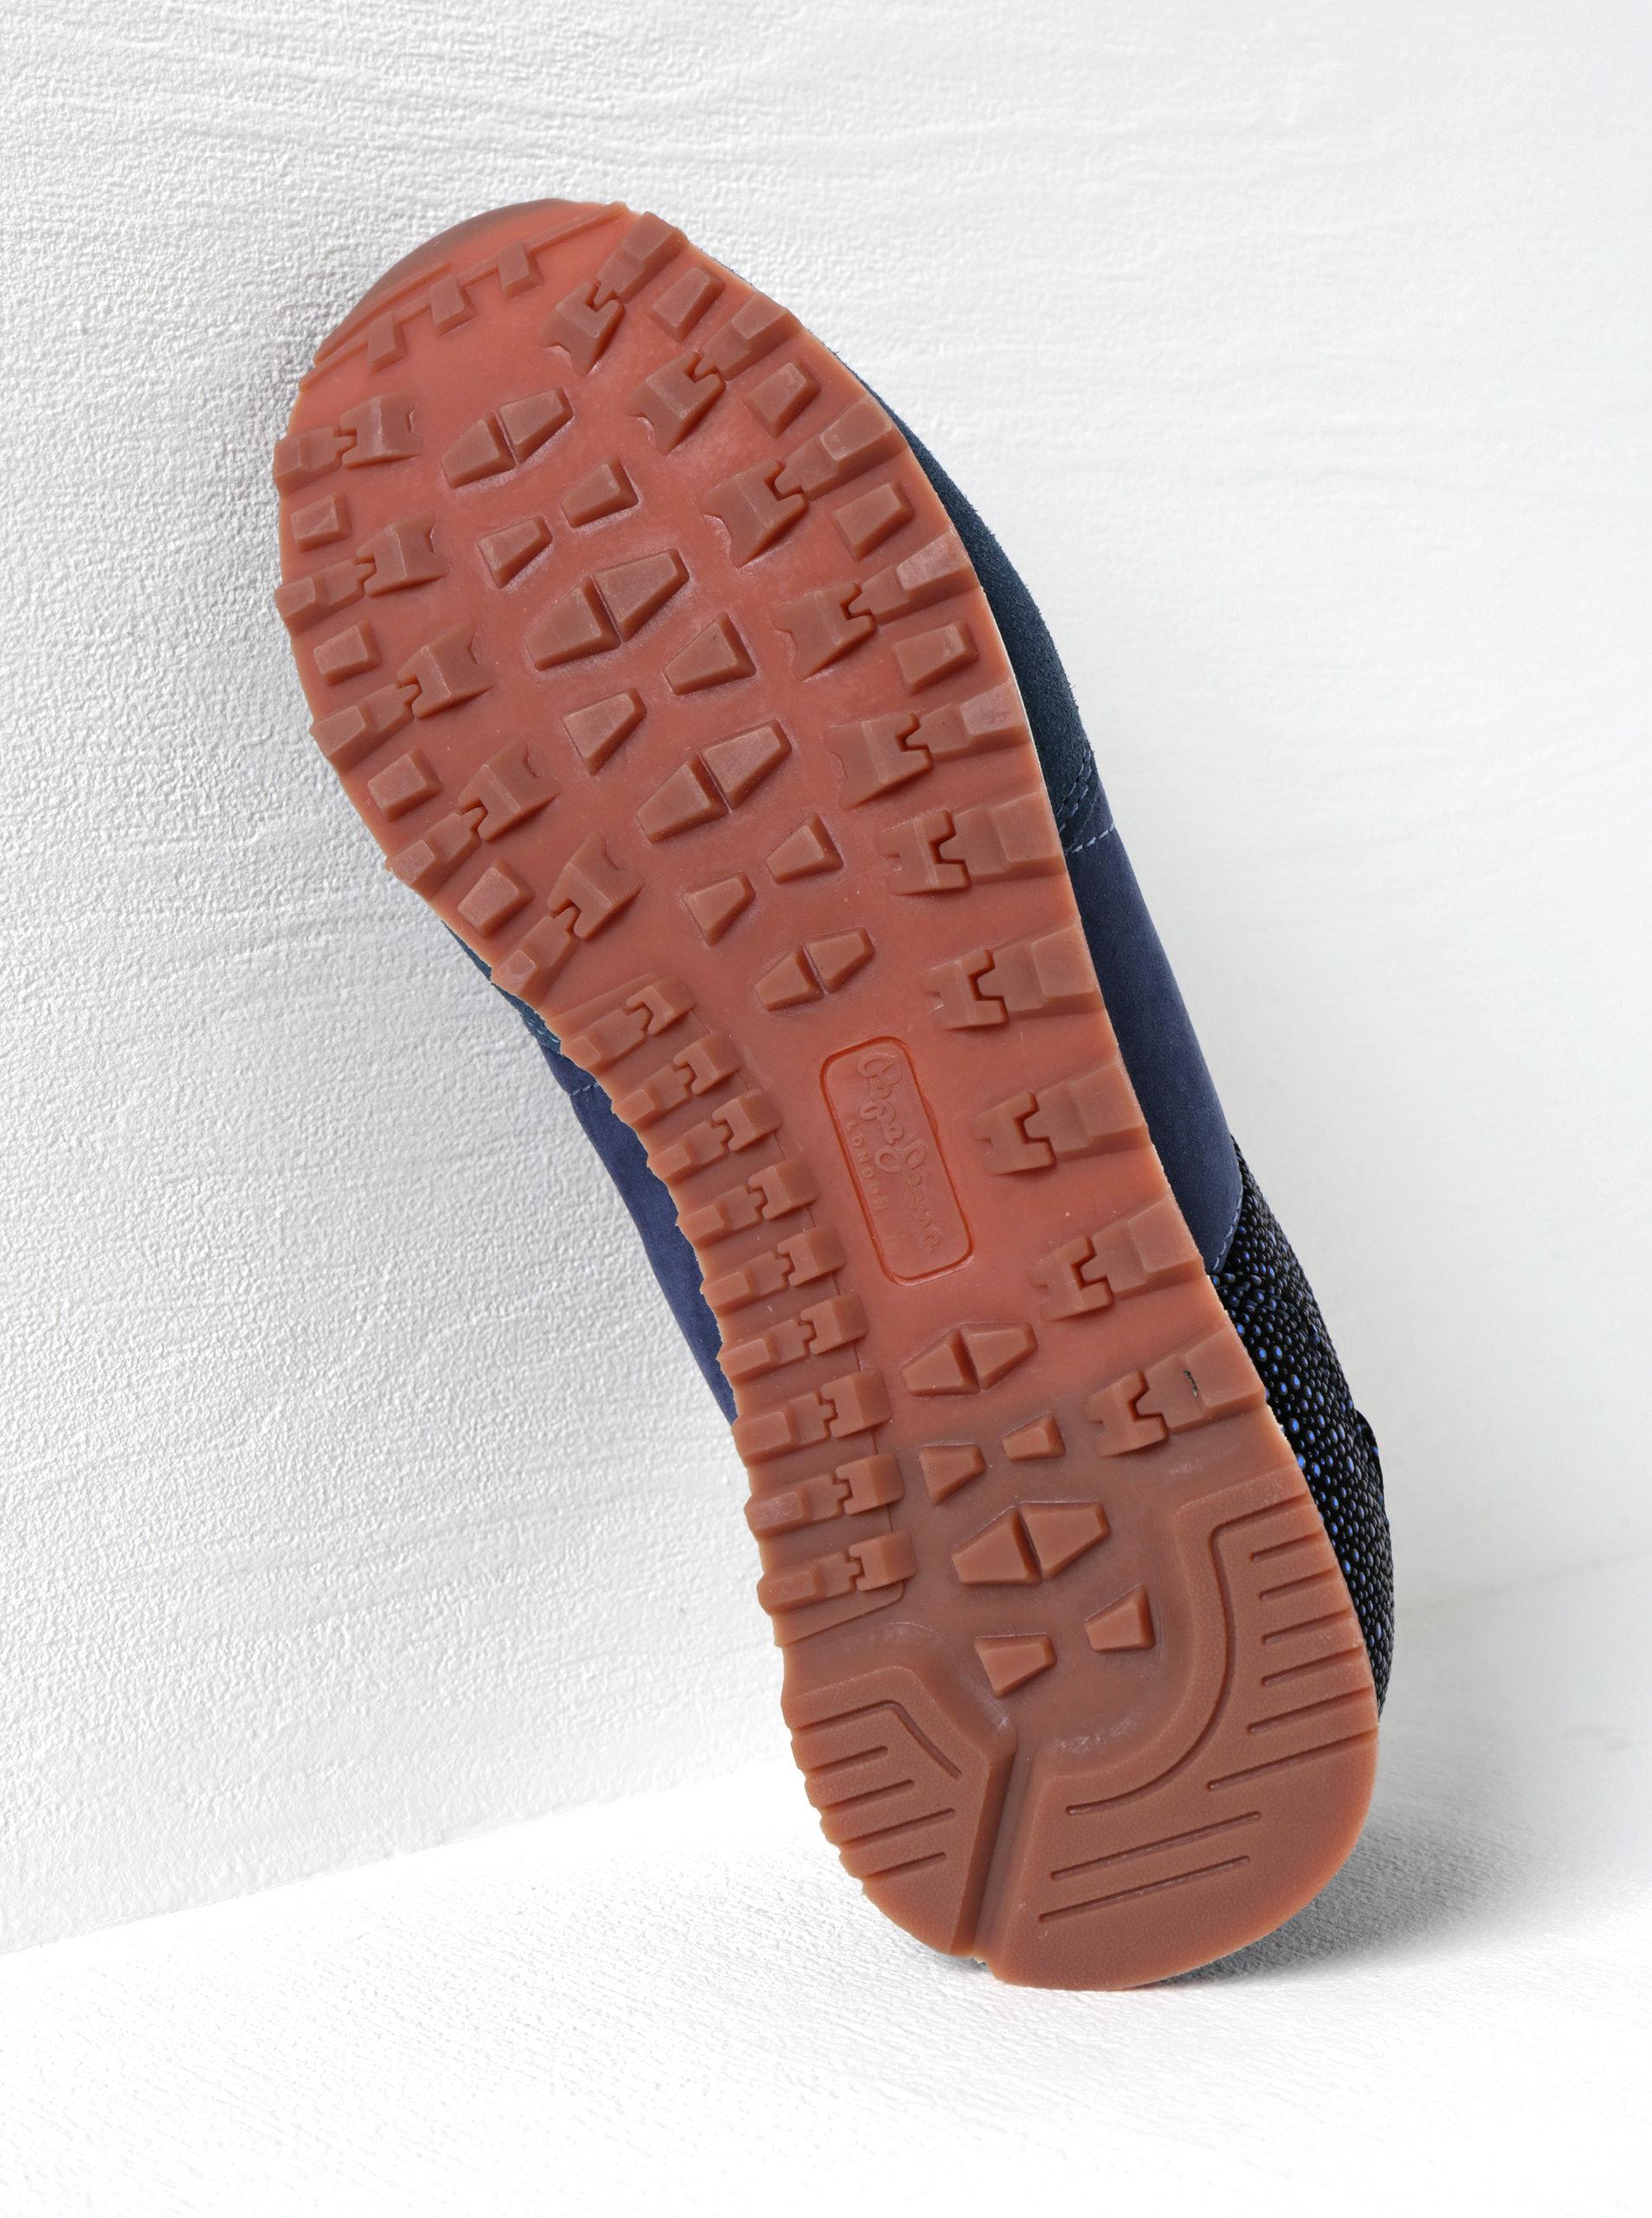 Modré dámske tenisky Pepe Jeans Verona Flash ... 60e884083c